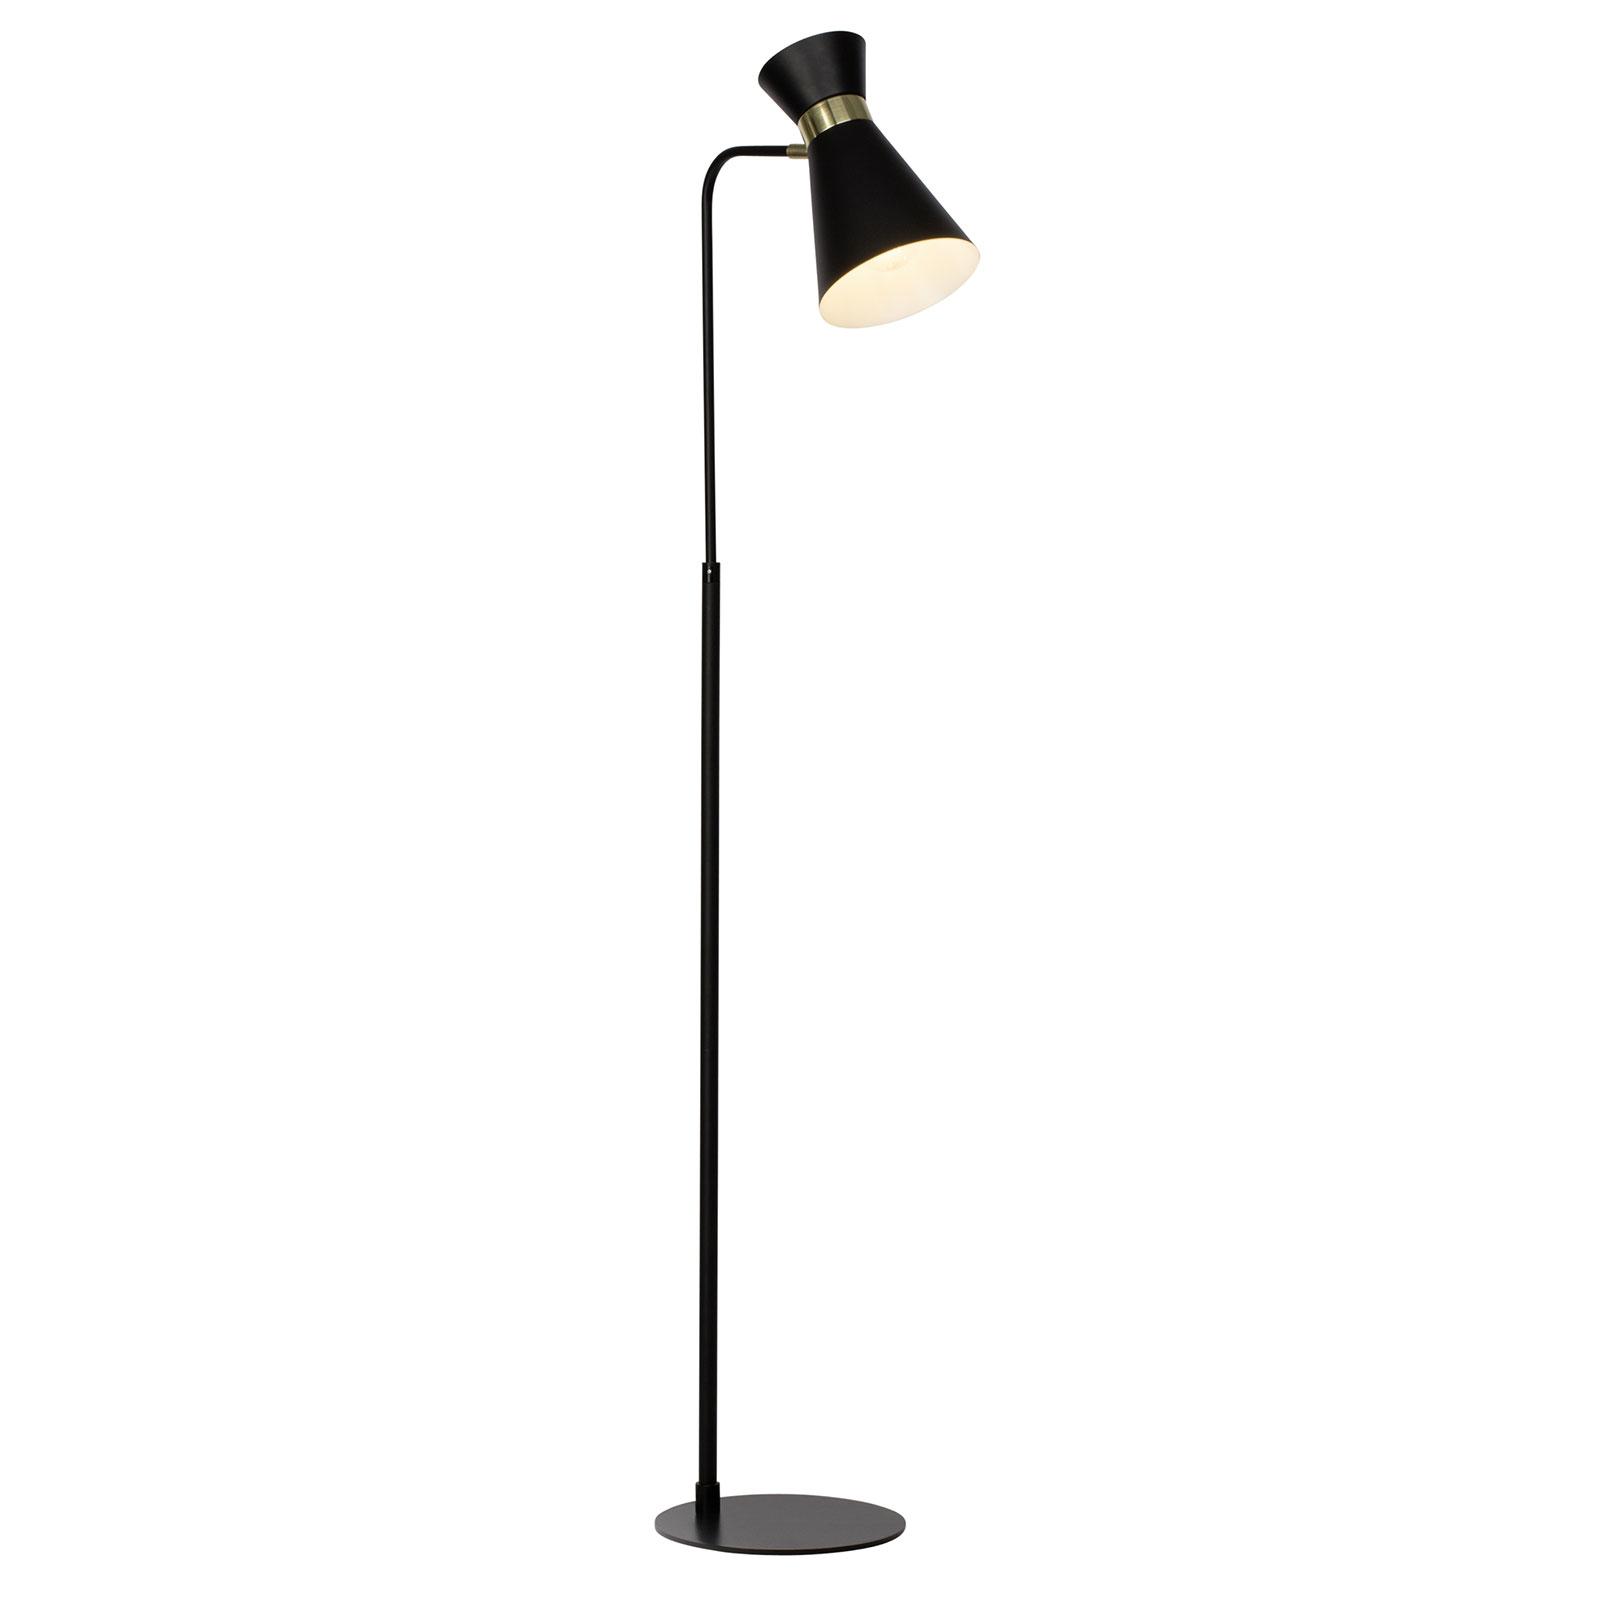 Vloerlamp Goldy, uit te lijnen